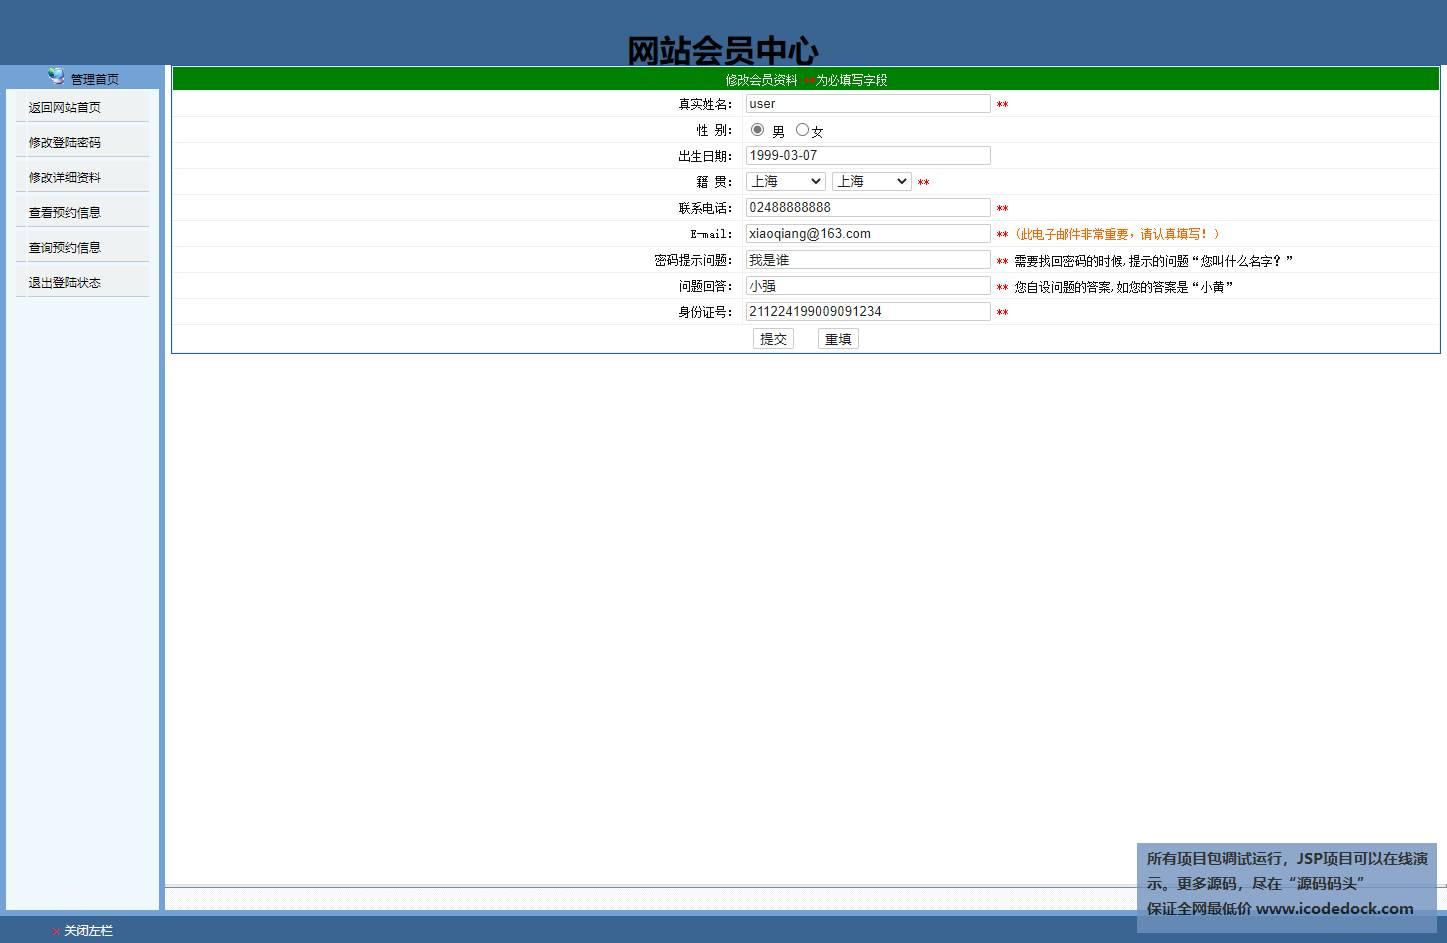 源码码头-JSP医院在线挂号管理系统-患者角色-修改个人资料